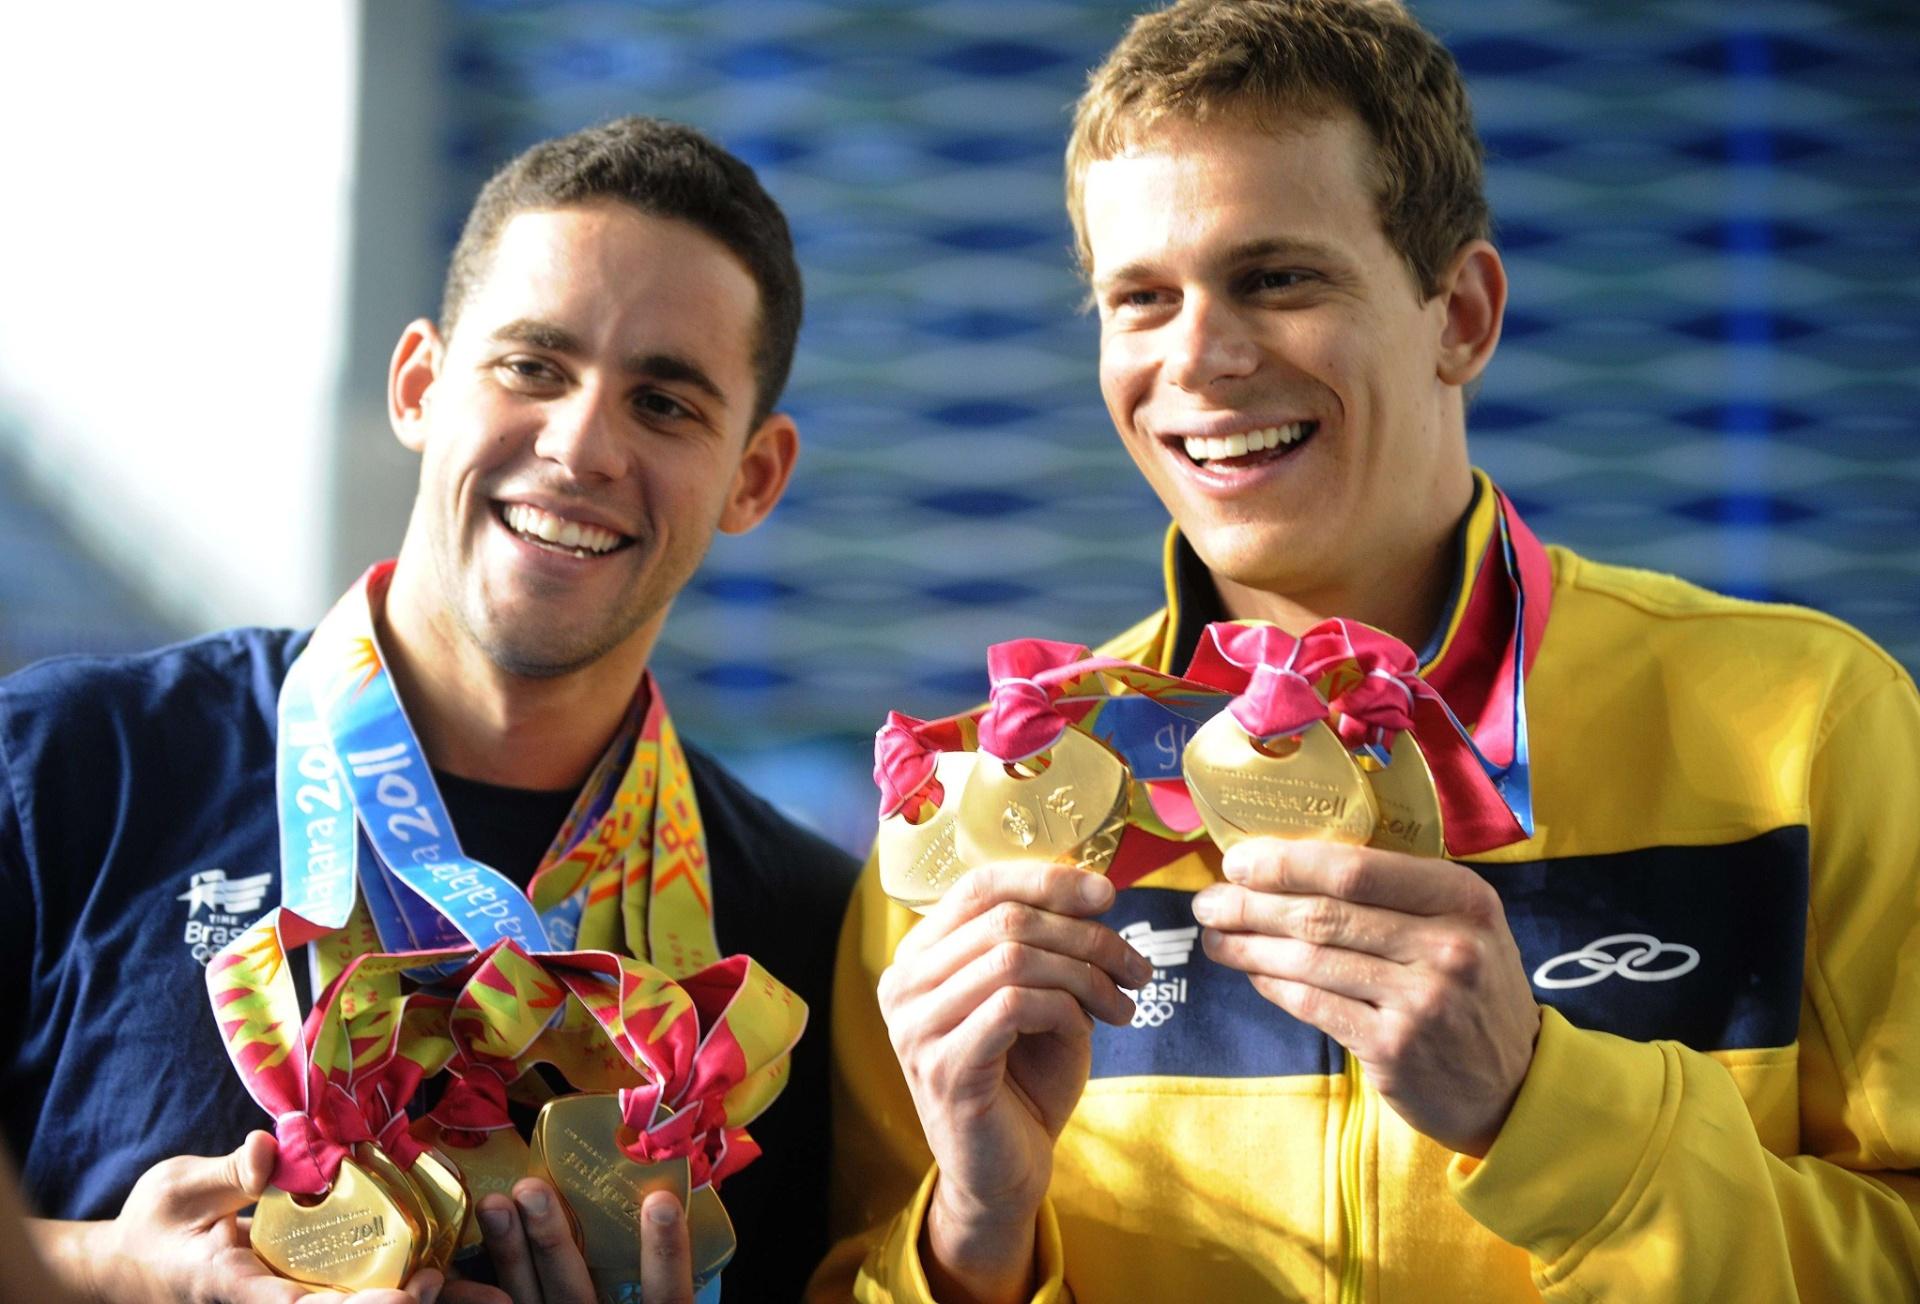 Thiago Pereira (e) e Cesar Cielo mostram as medalhas de ouro conquistadas por eles no Pan-2011